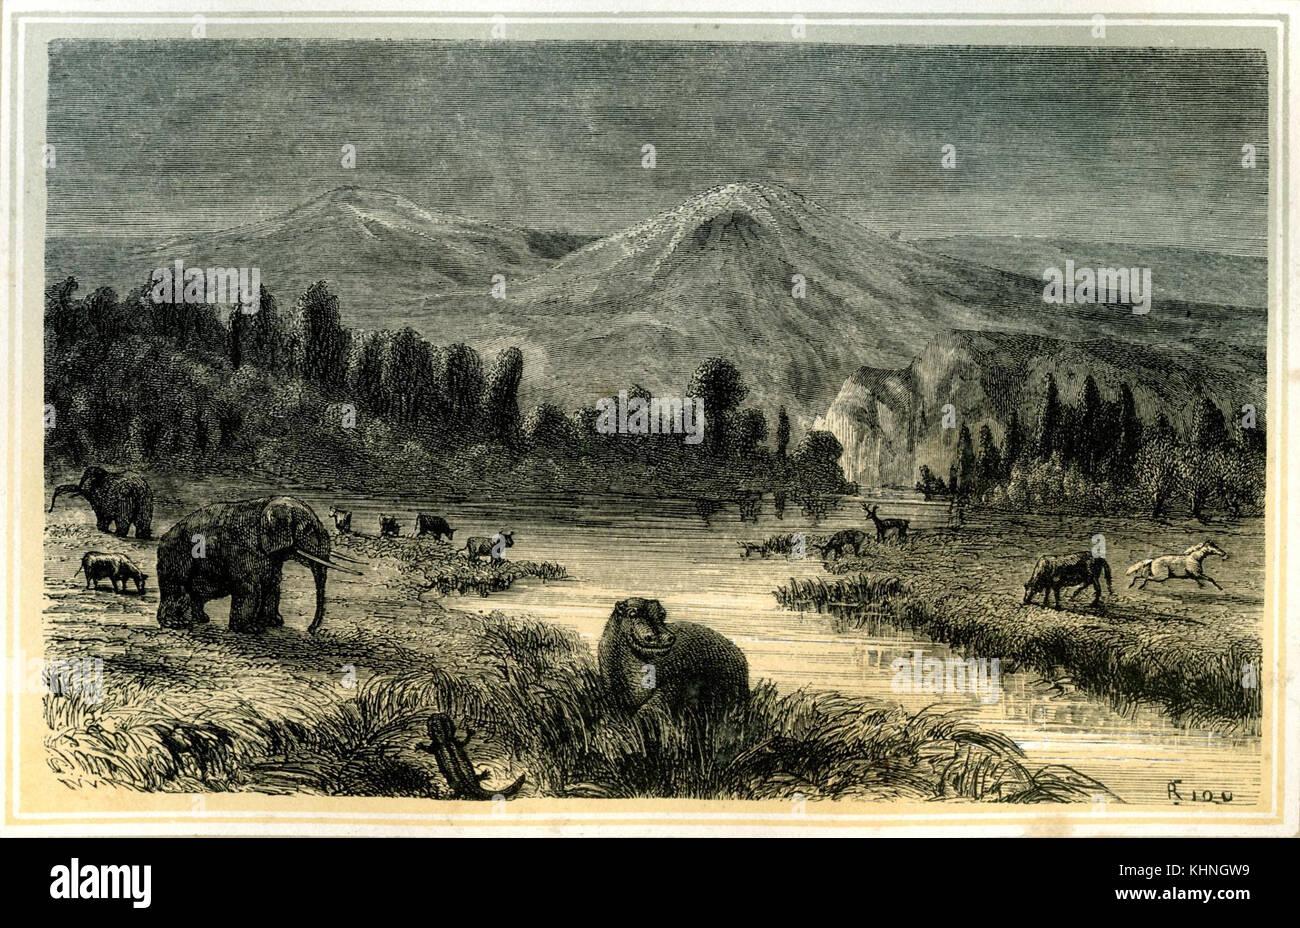 Landscape from the time of the Pliocene (Landschaft aus der Zeit des Pliozän) - Stock Image